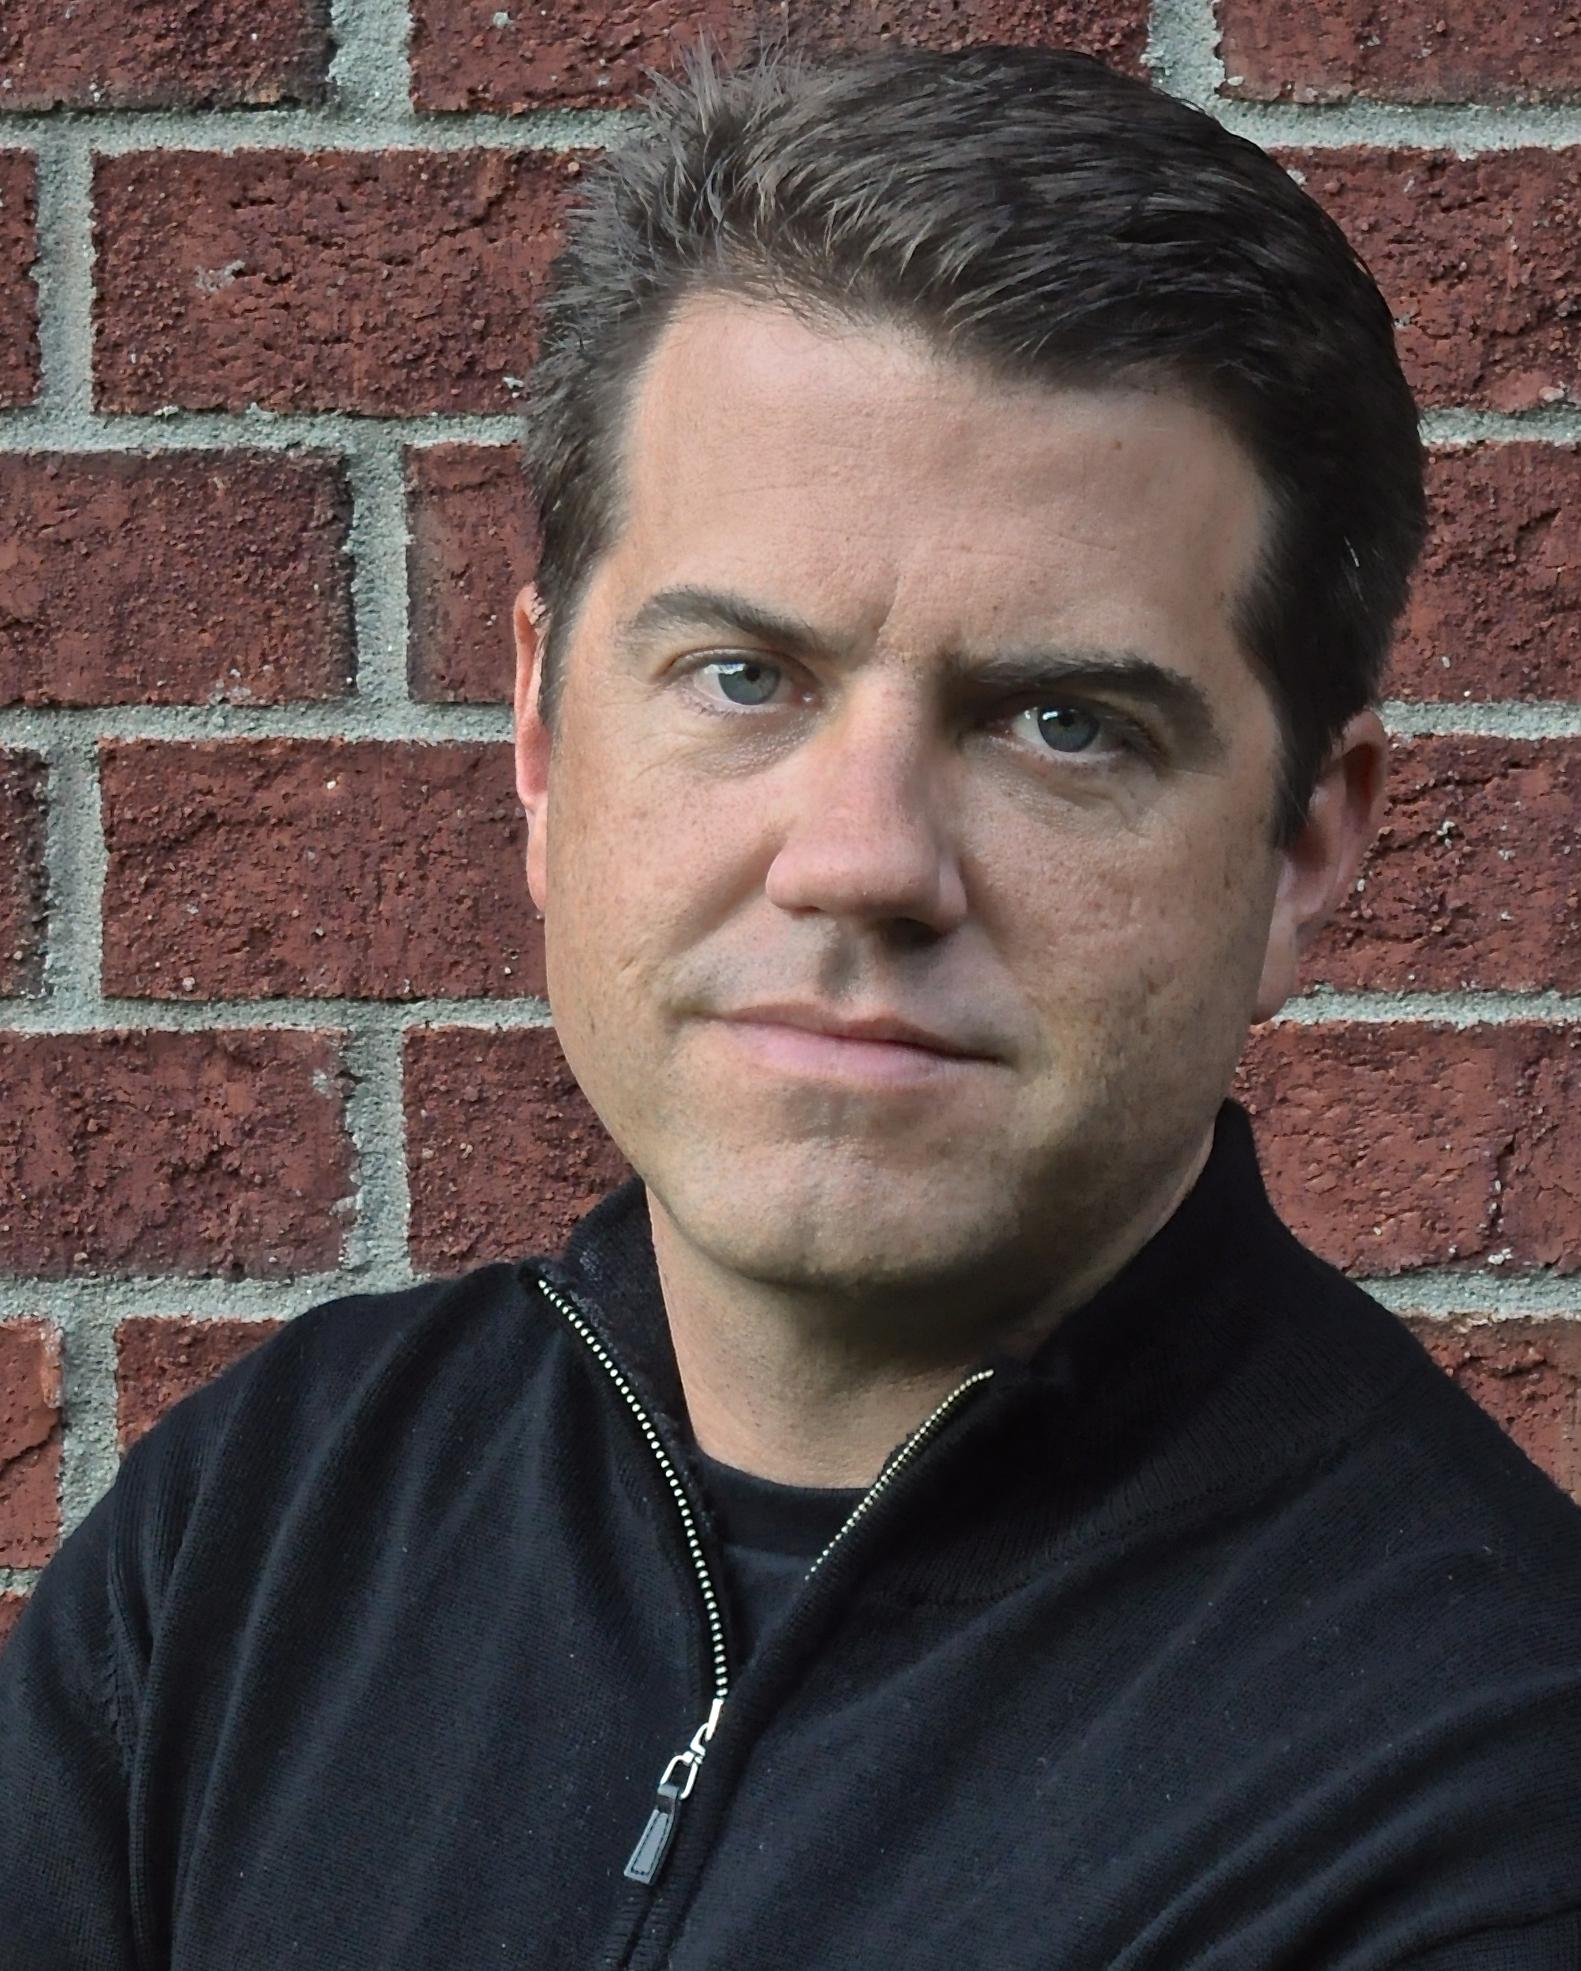 Scott Herring